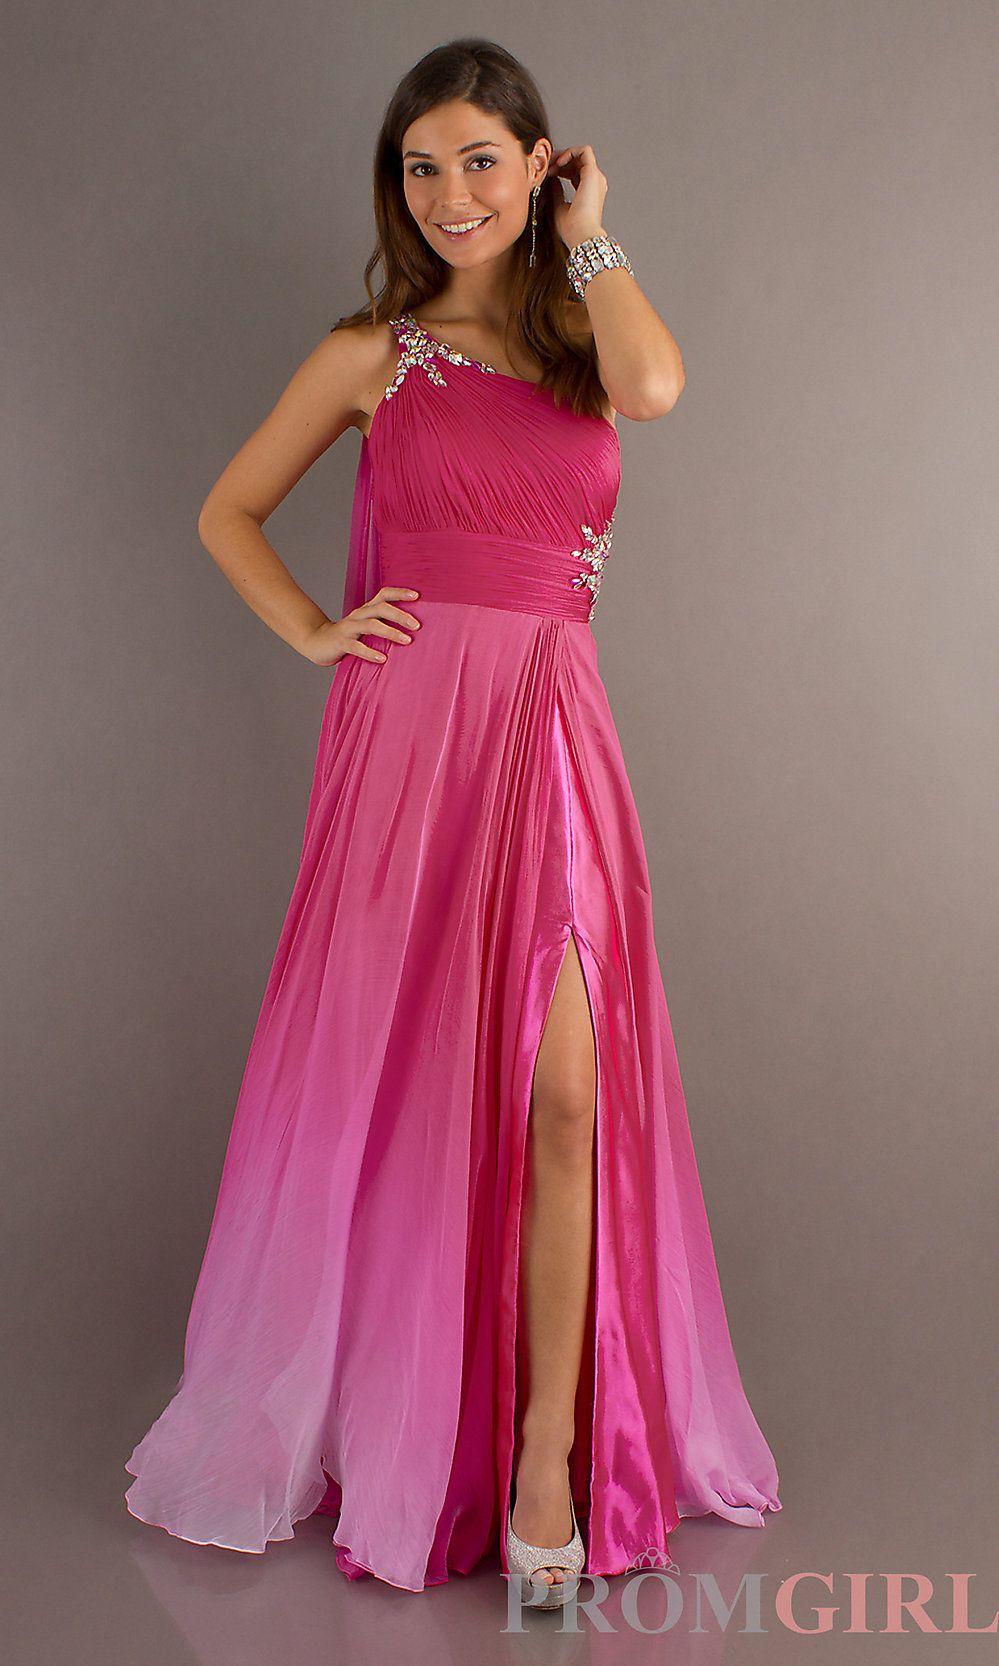 fushia ombre dress $299